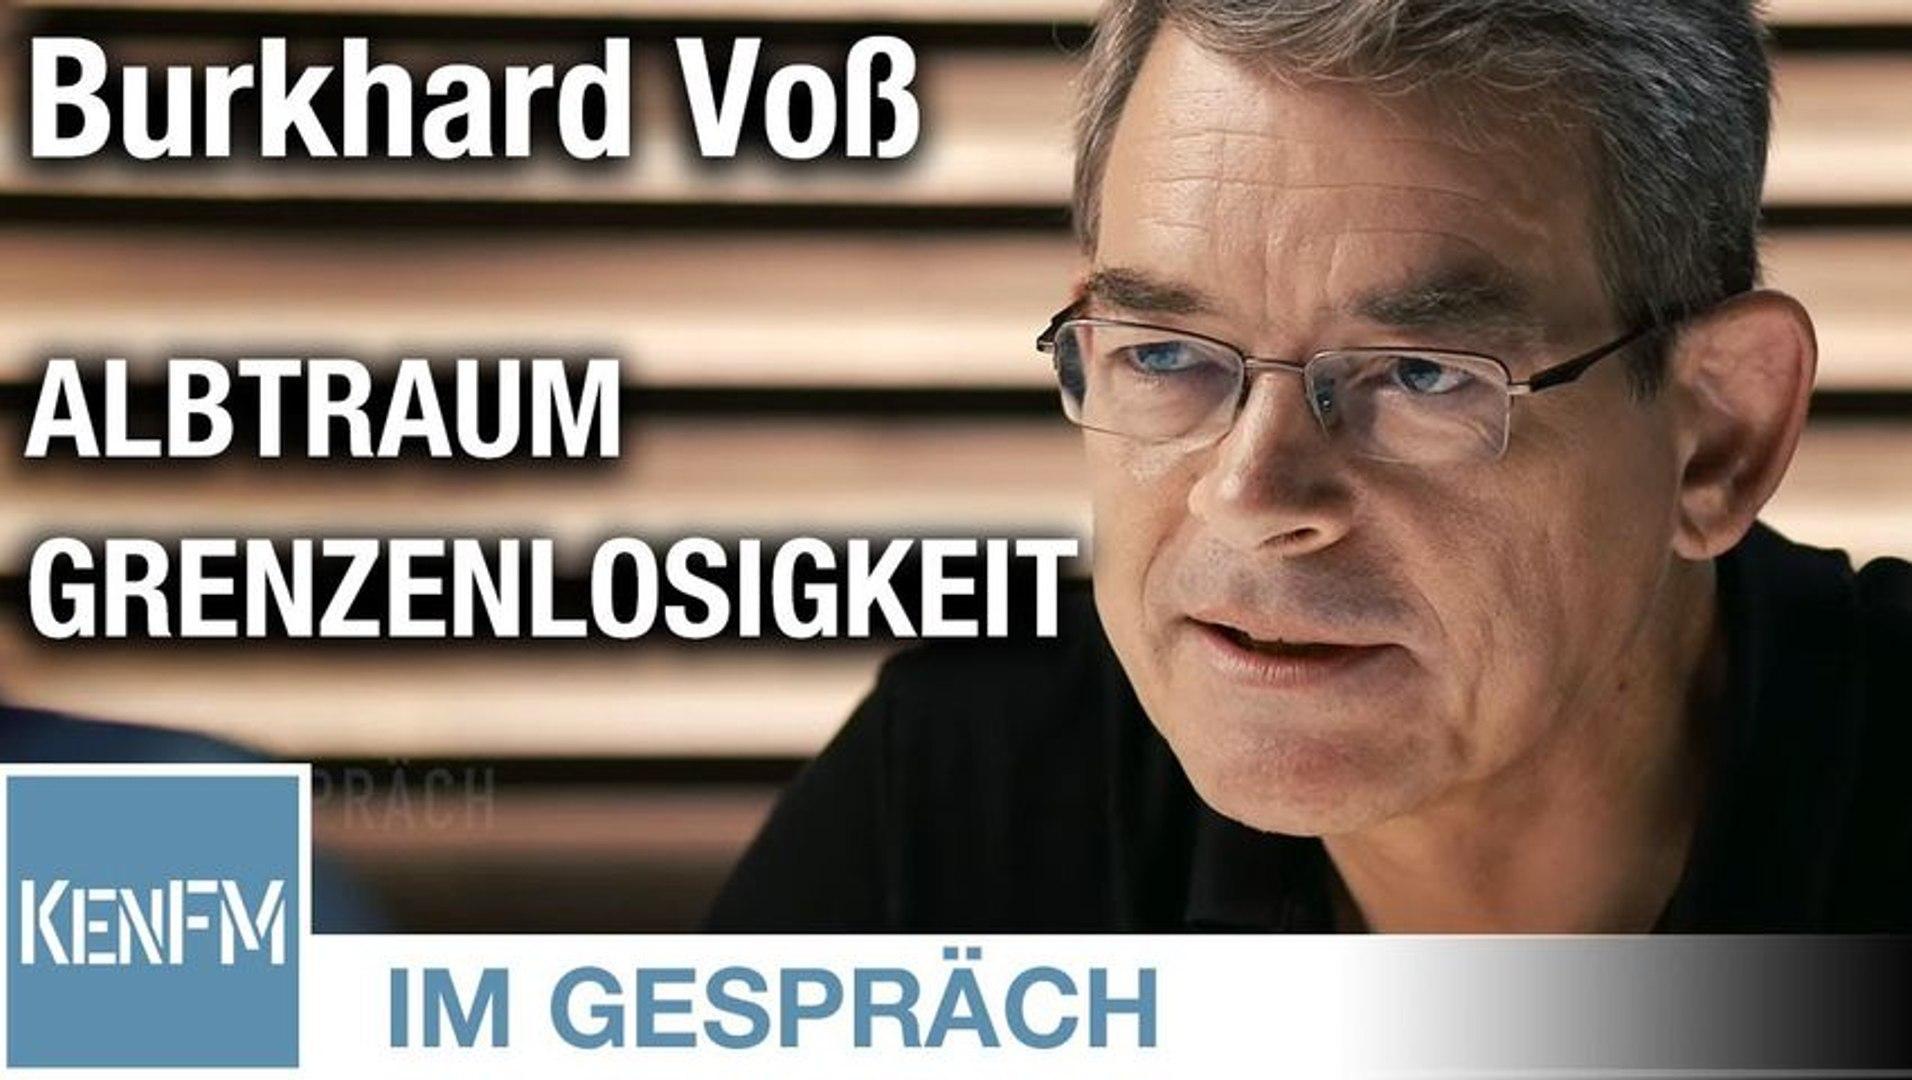 """Im Gespräch: Burkhard Voß (""""Albtraum Grenzenlosigkeit: Vom Urknall bis zur Flüchtlingskrise"""")"""